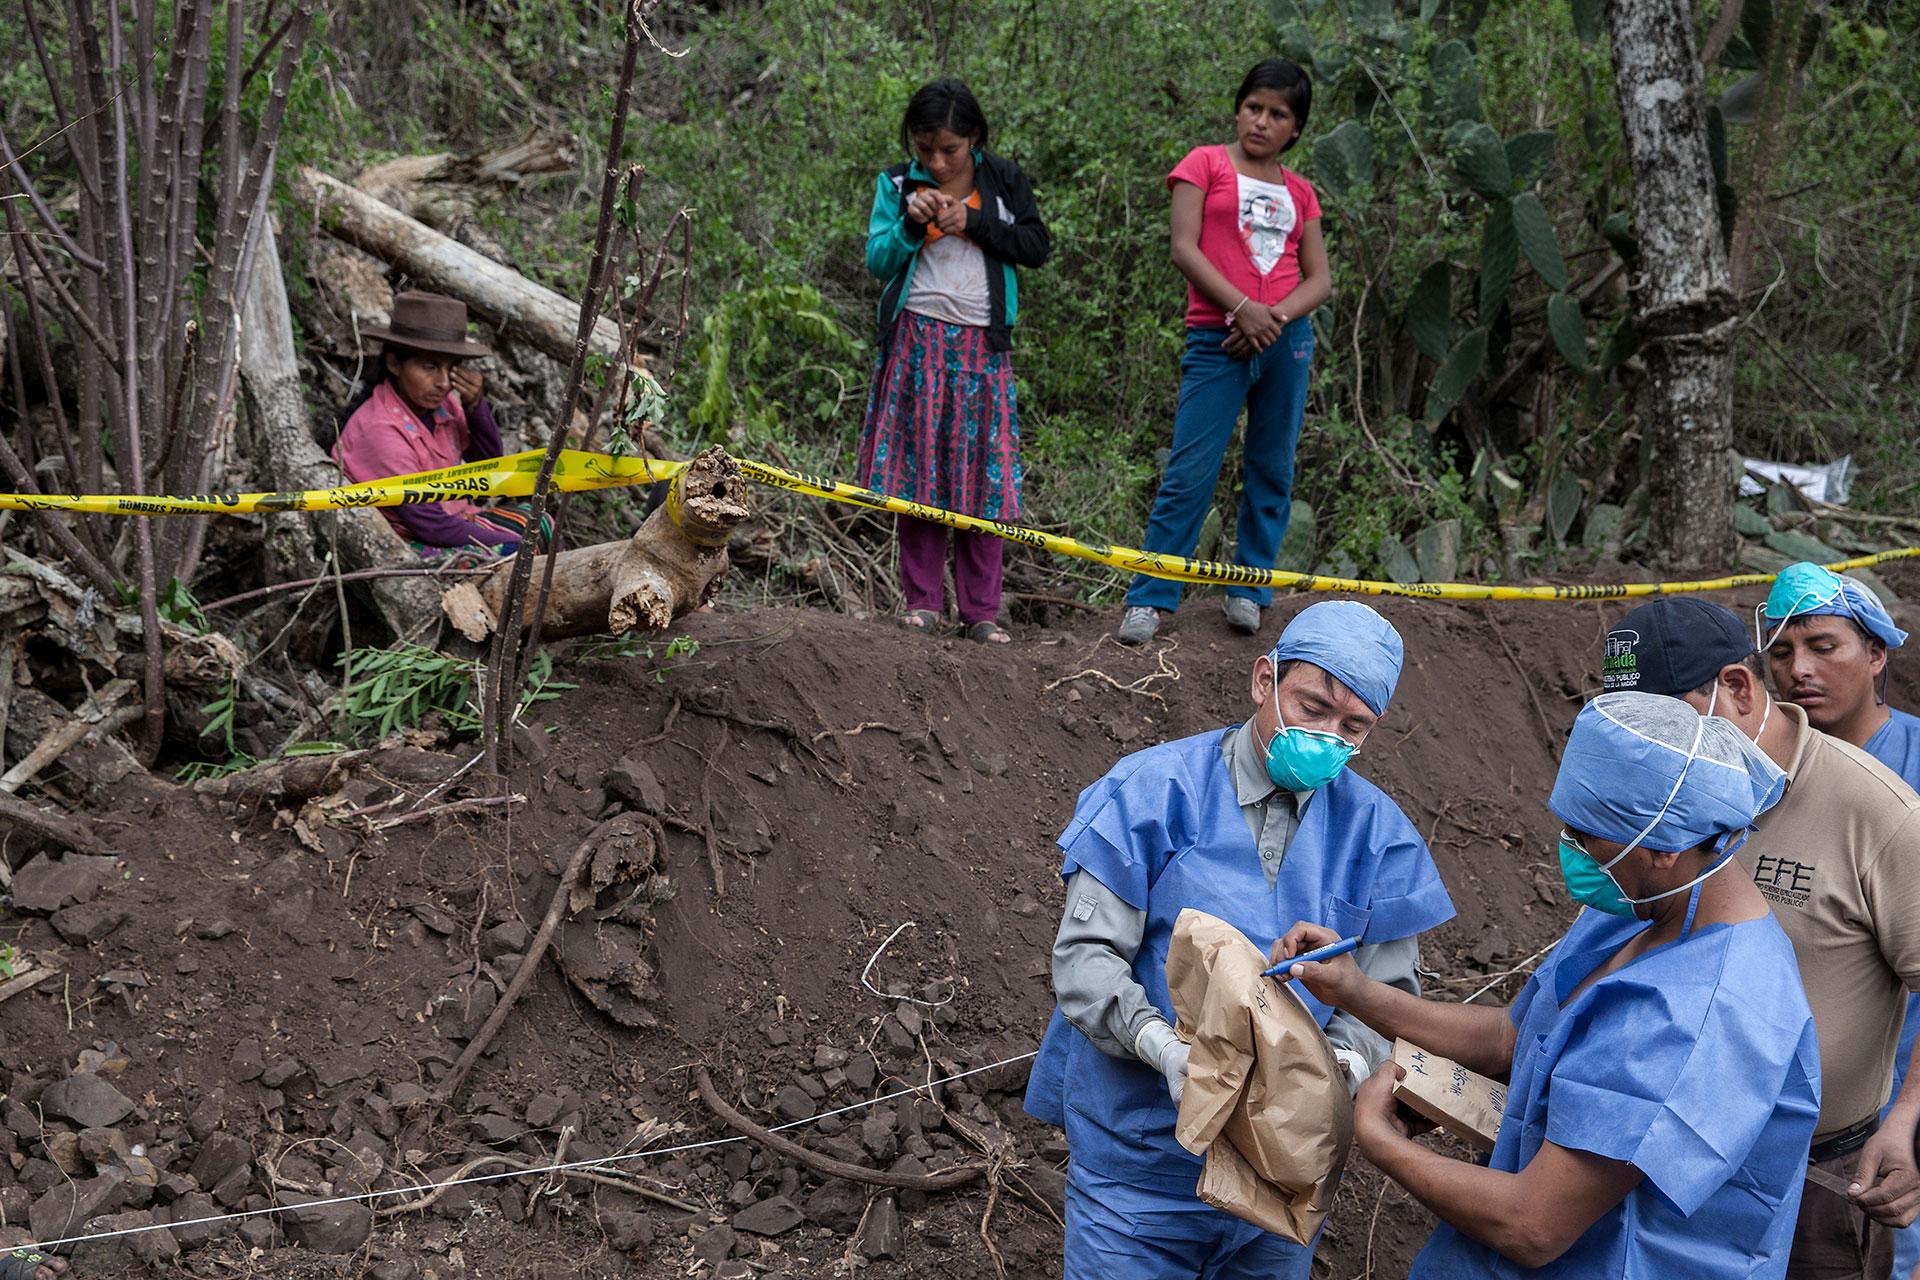 Forenses empaquetan de manera codificada los restos hallados, mientras las familias de las víctimas observan tras la línea amarilla.